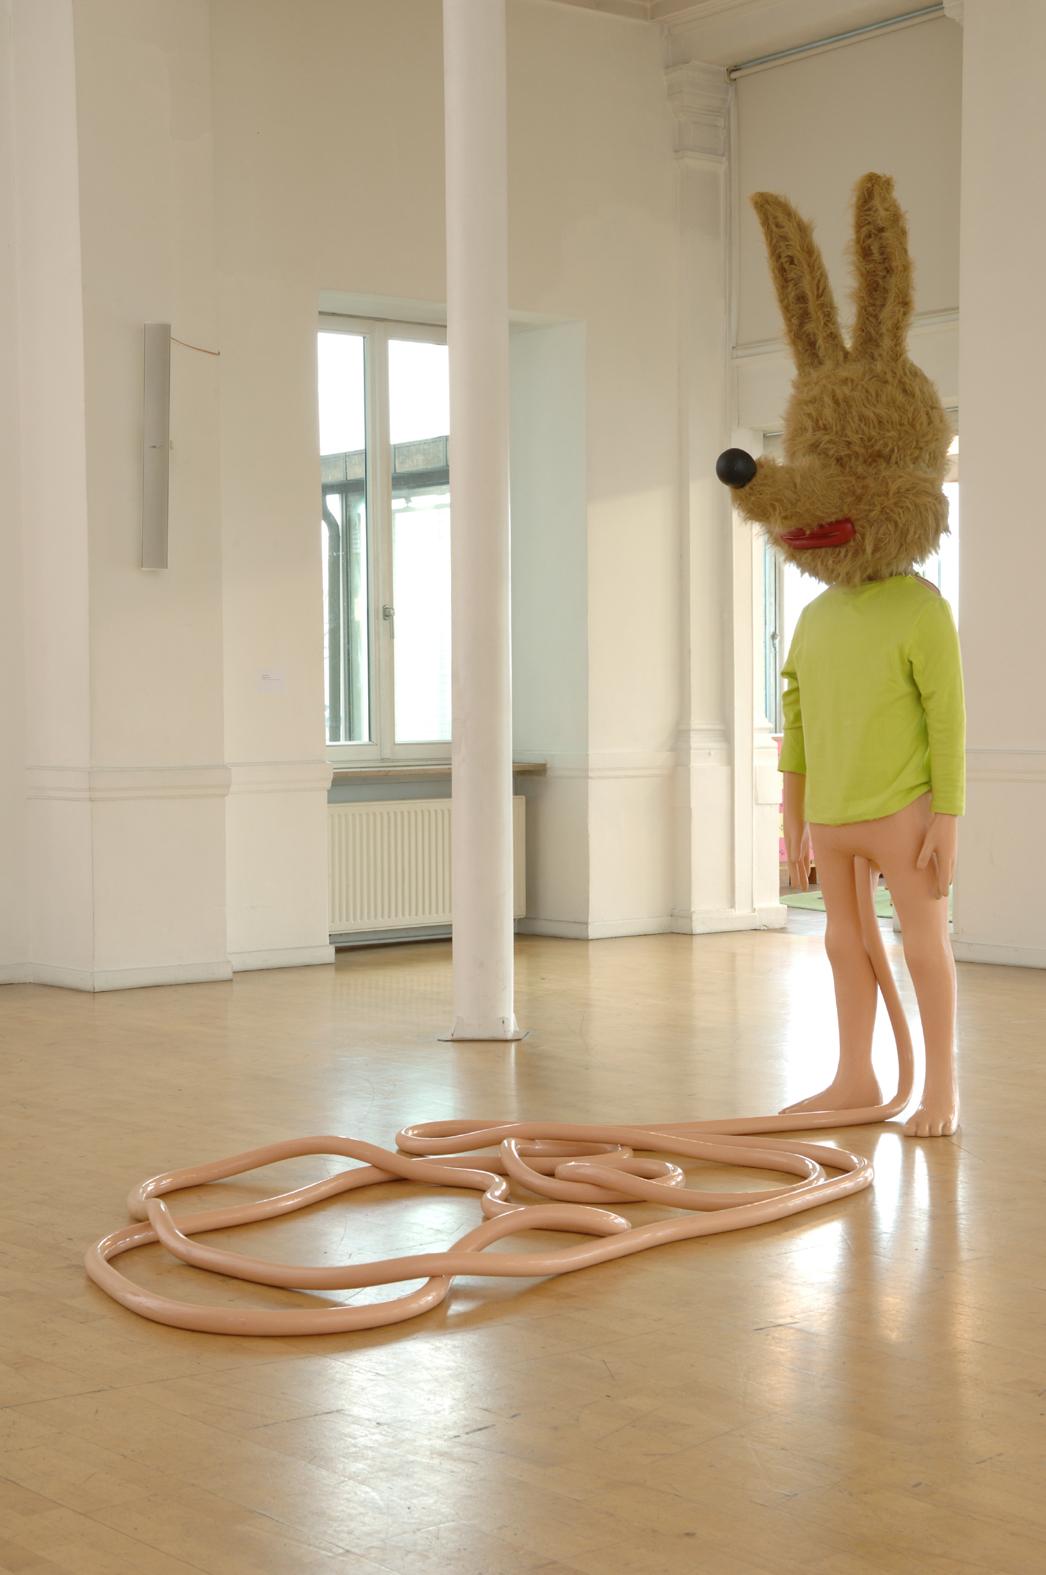 Paul McCarthy, Spaghetti Man, 1993, Collection Frac Occitanie Montpellier, dans l'exposition La liberté (de l'art) guidant le peuple - Casino Luxembourg, 2005